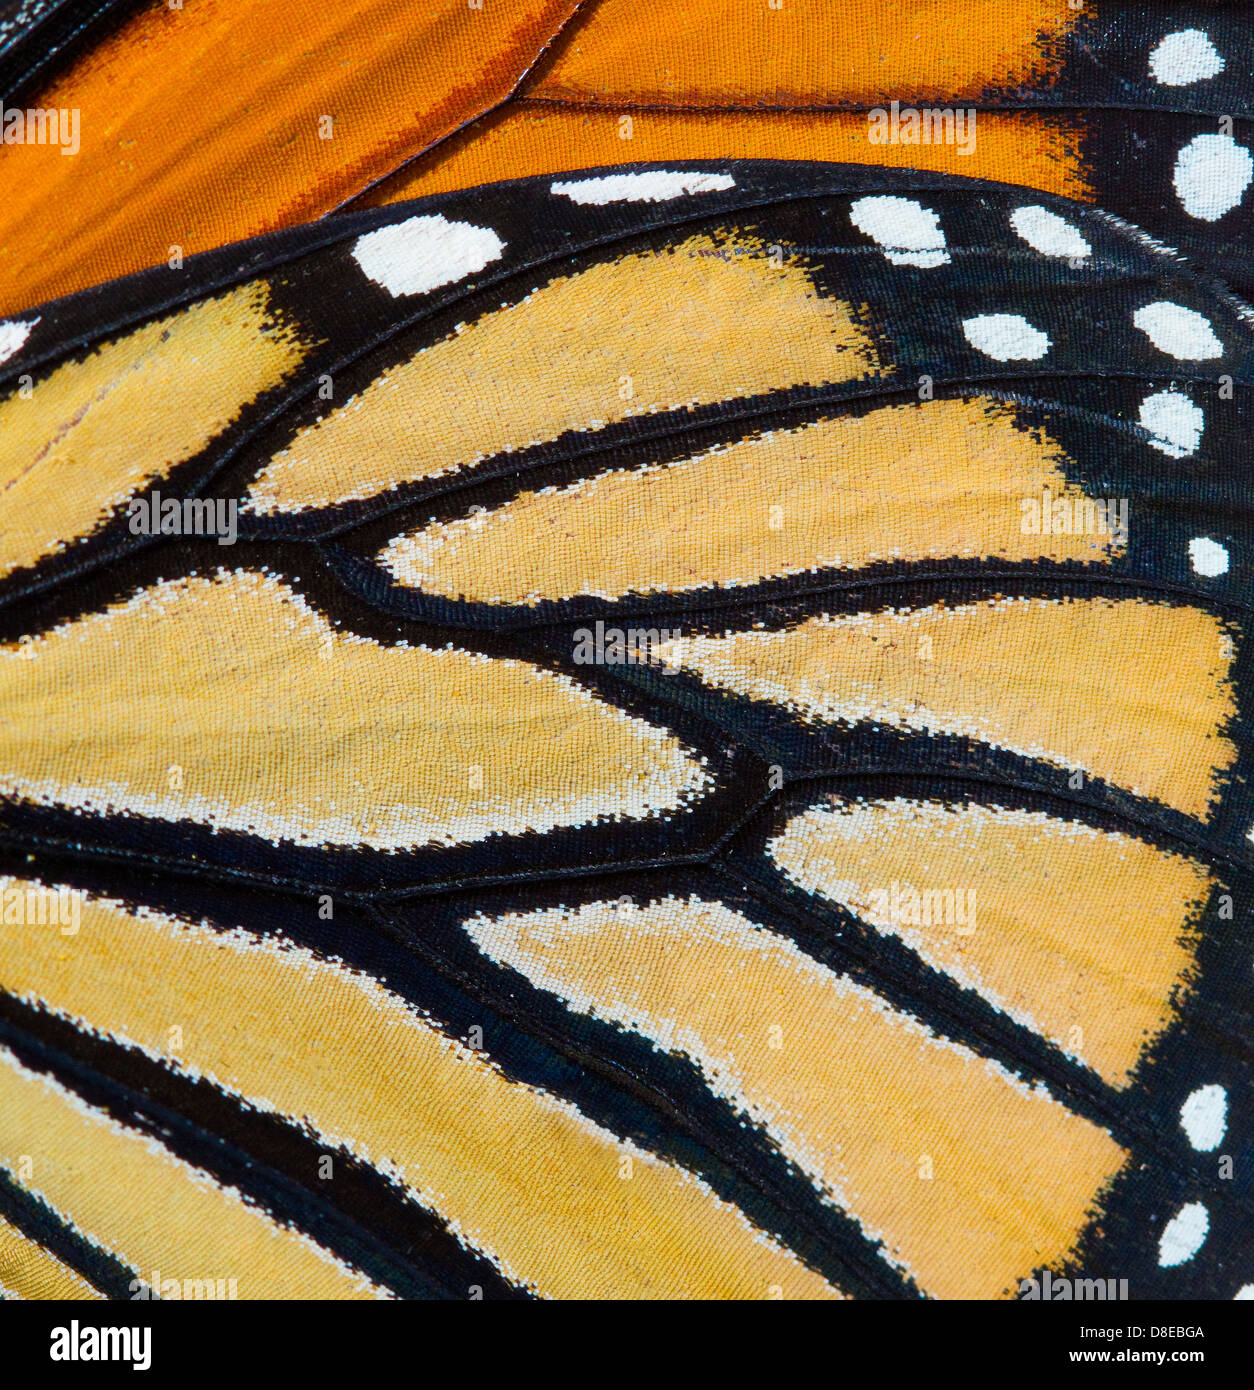 Farfalla monarca (Danaus plexippus) ala dettaglio, Florida, Stati Uniti d'America. Immagini Stock